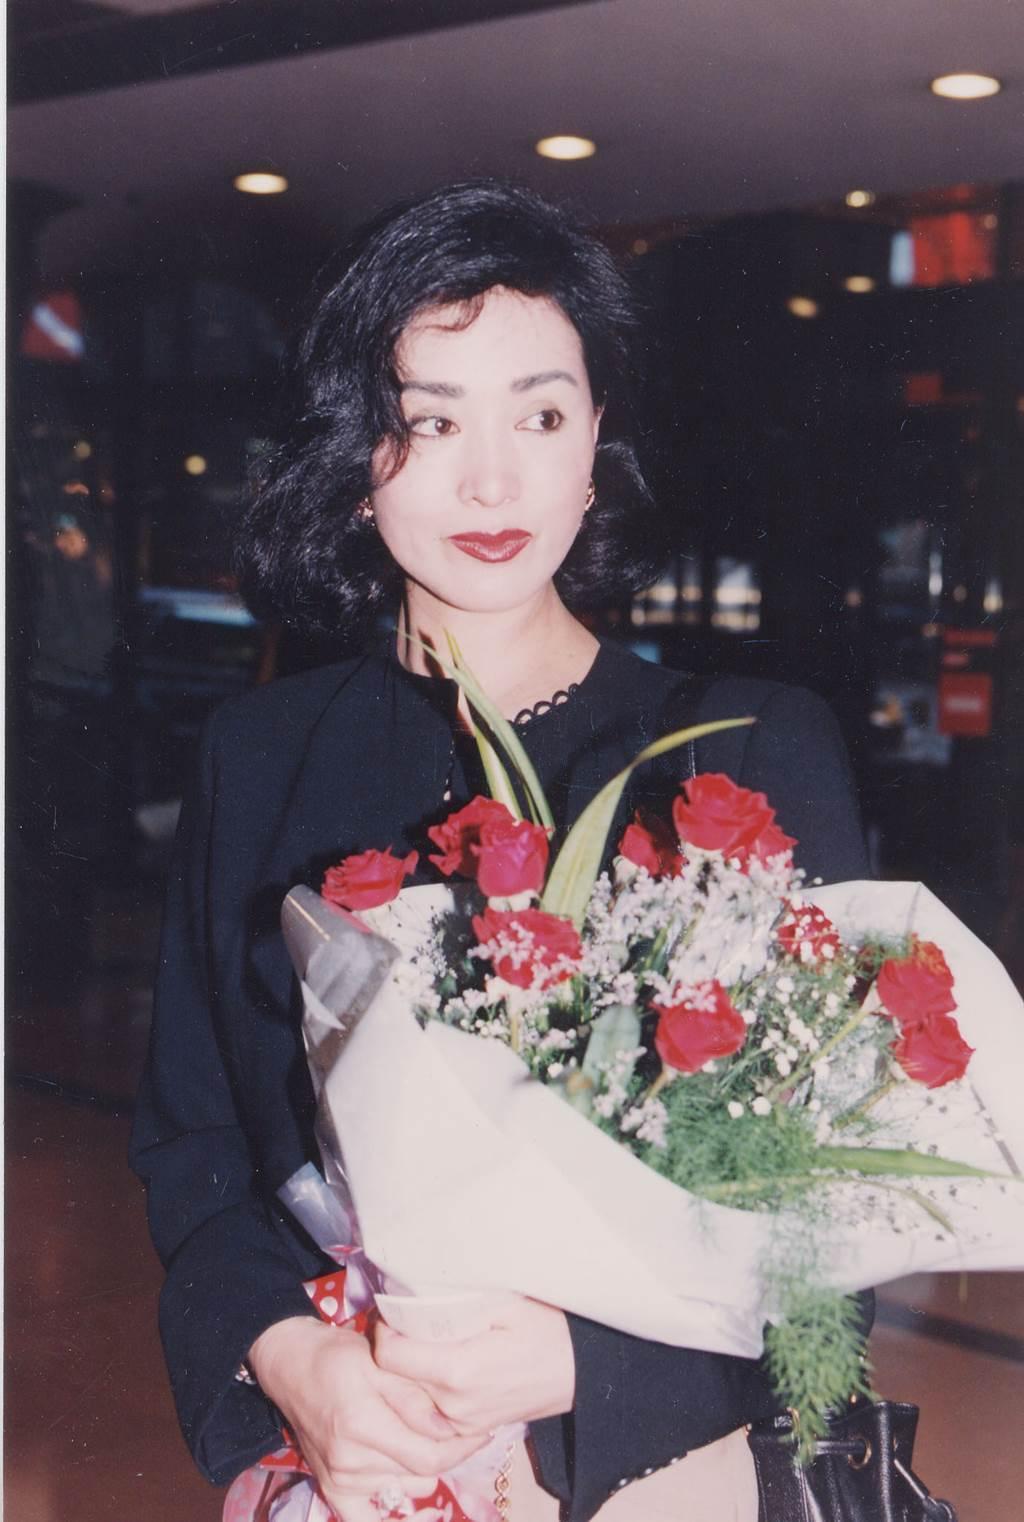 何莉莉外形美艷,當年是邵氏十二金釵之一。(張兆輝攝)